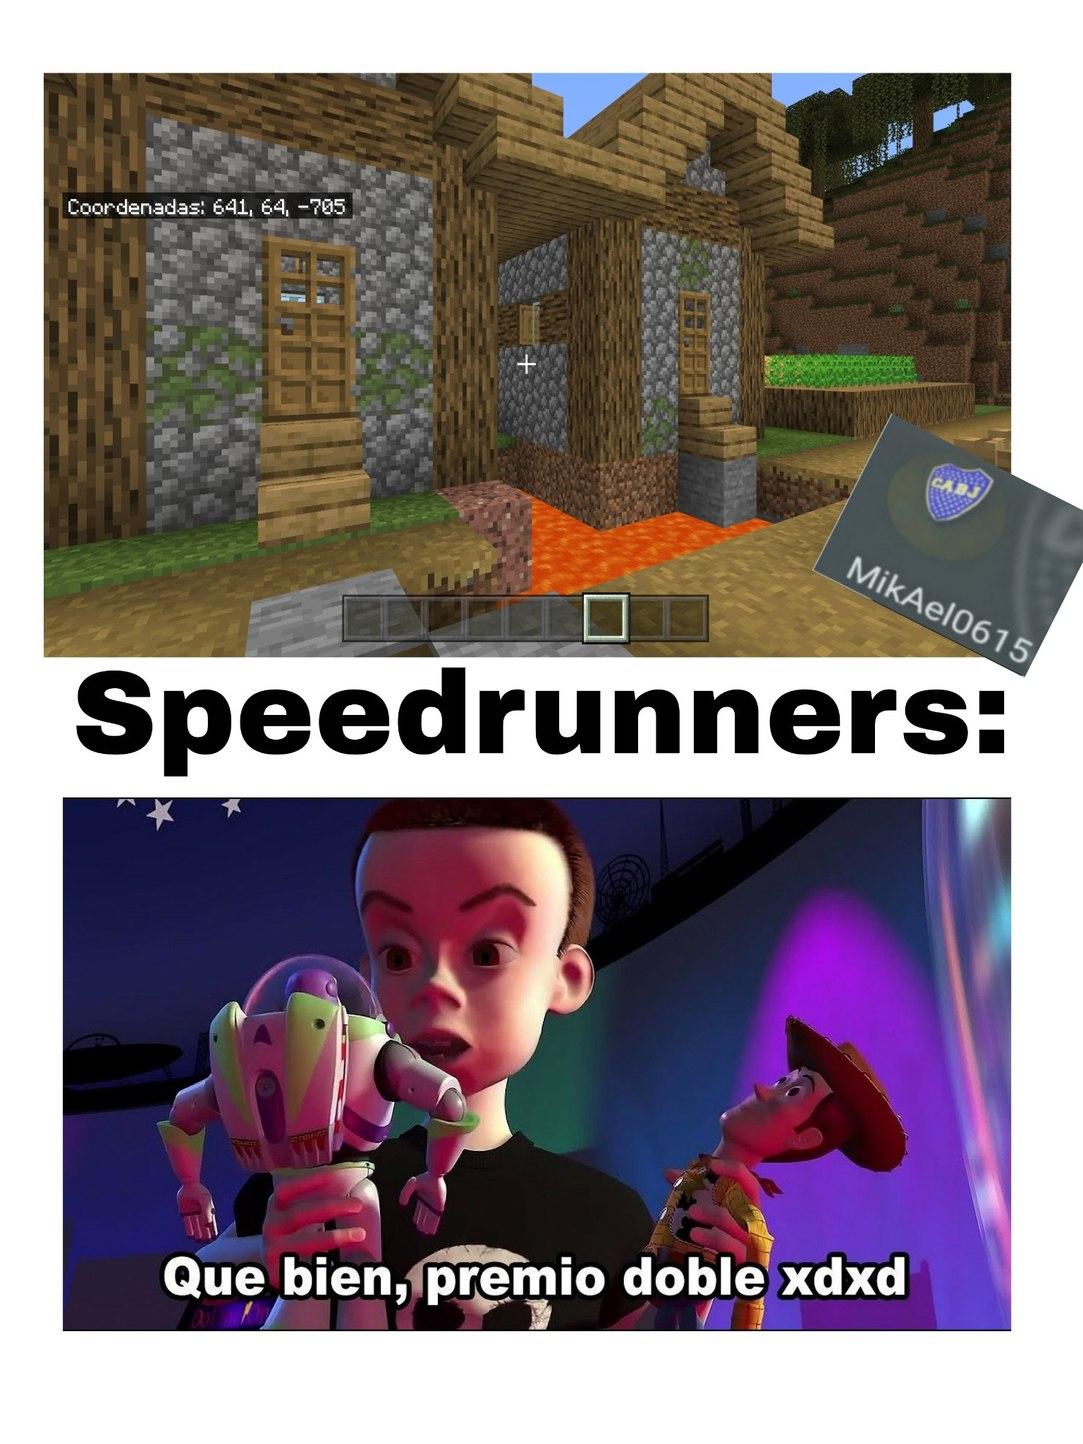 Me pase el minecraft en 0.02 segundos - meme